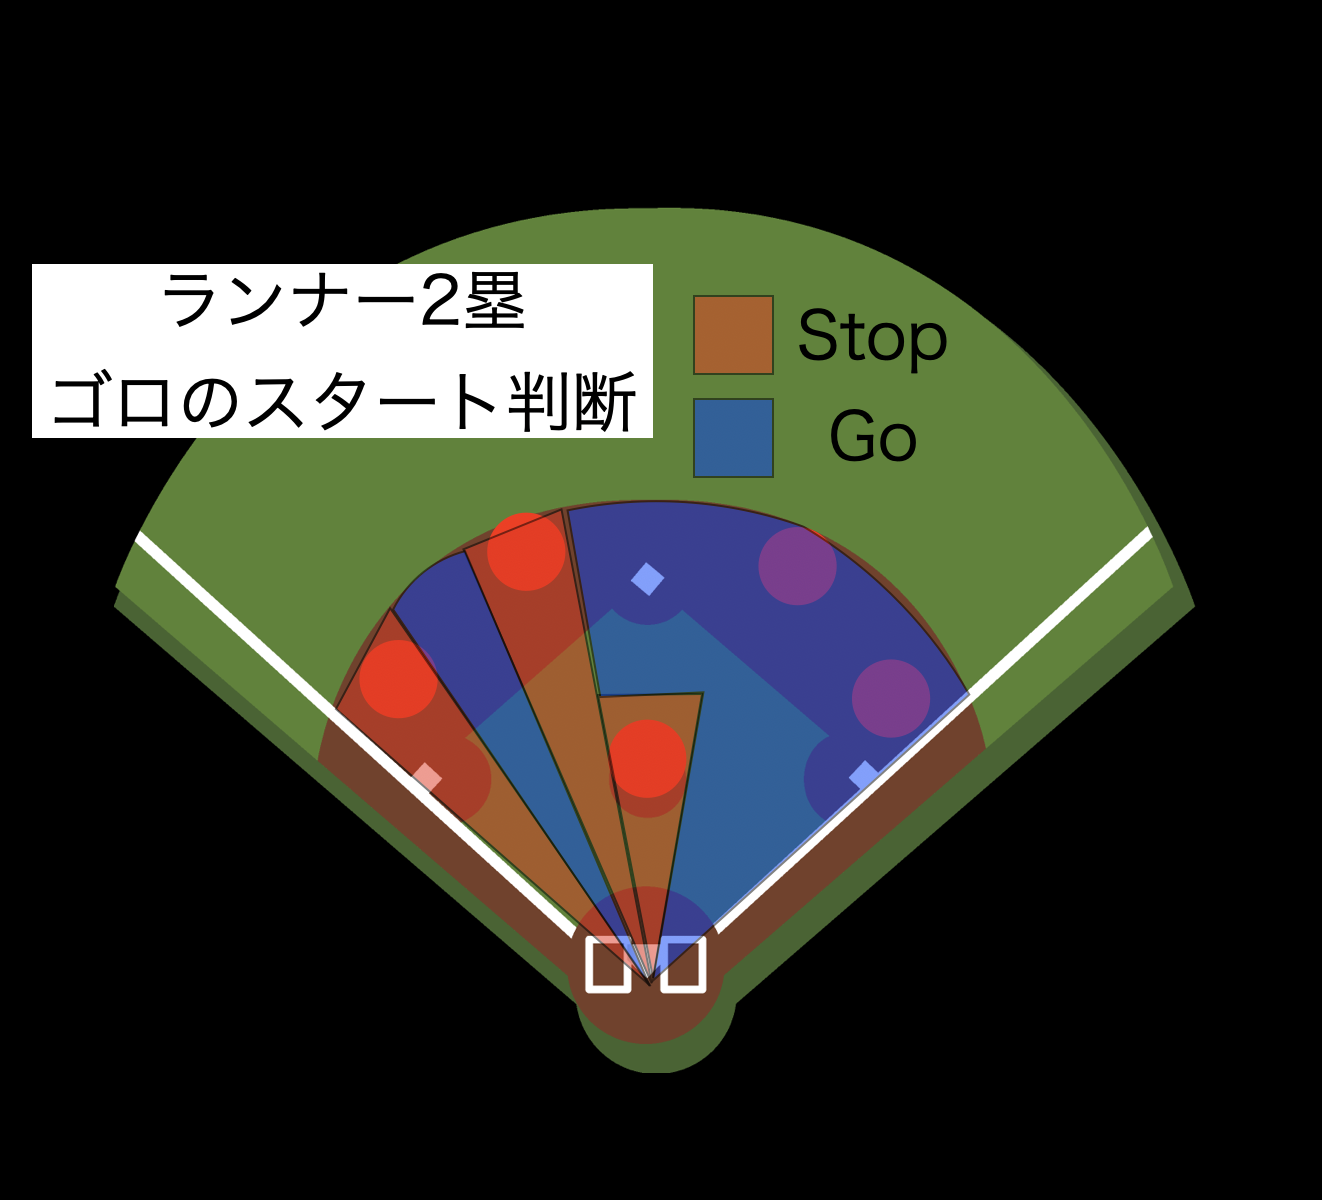 ランナー二塁の打球判断